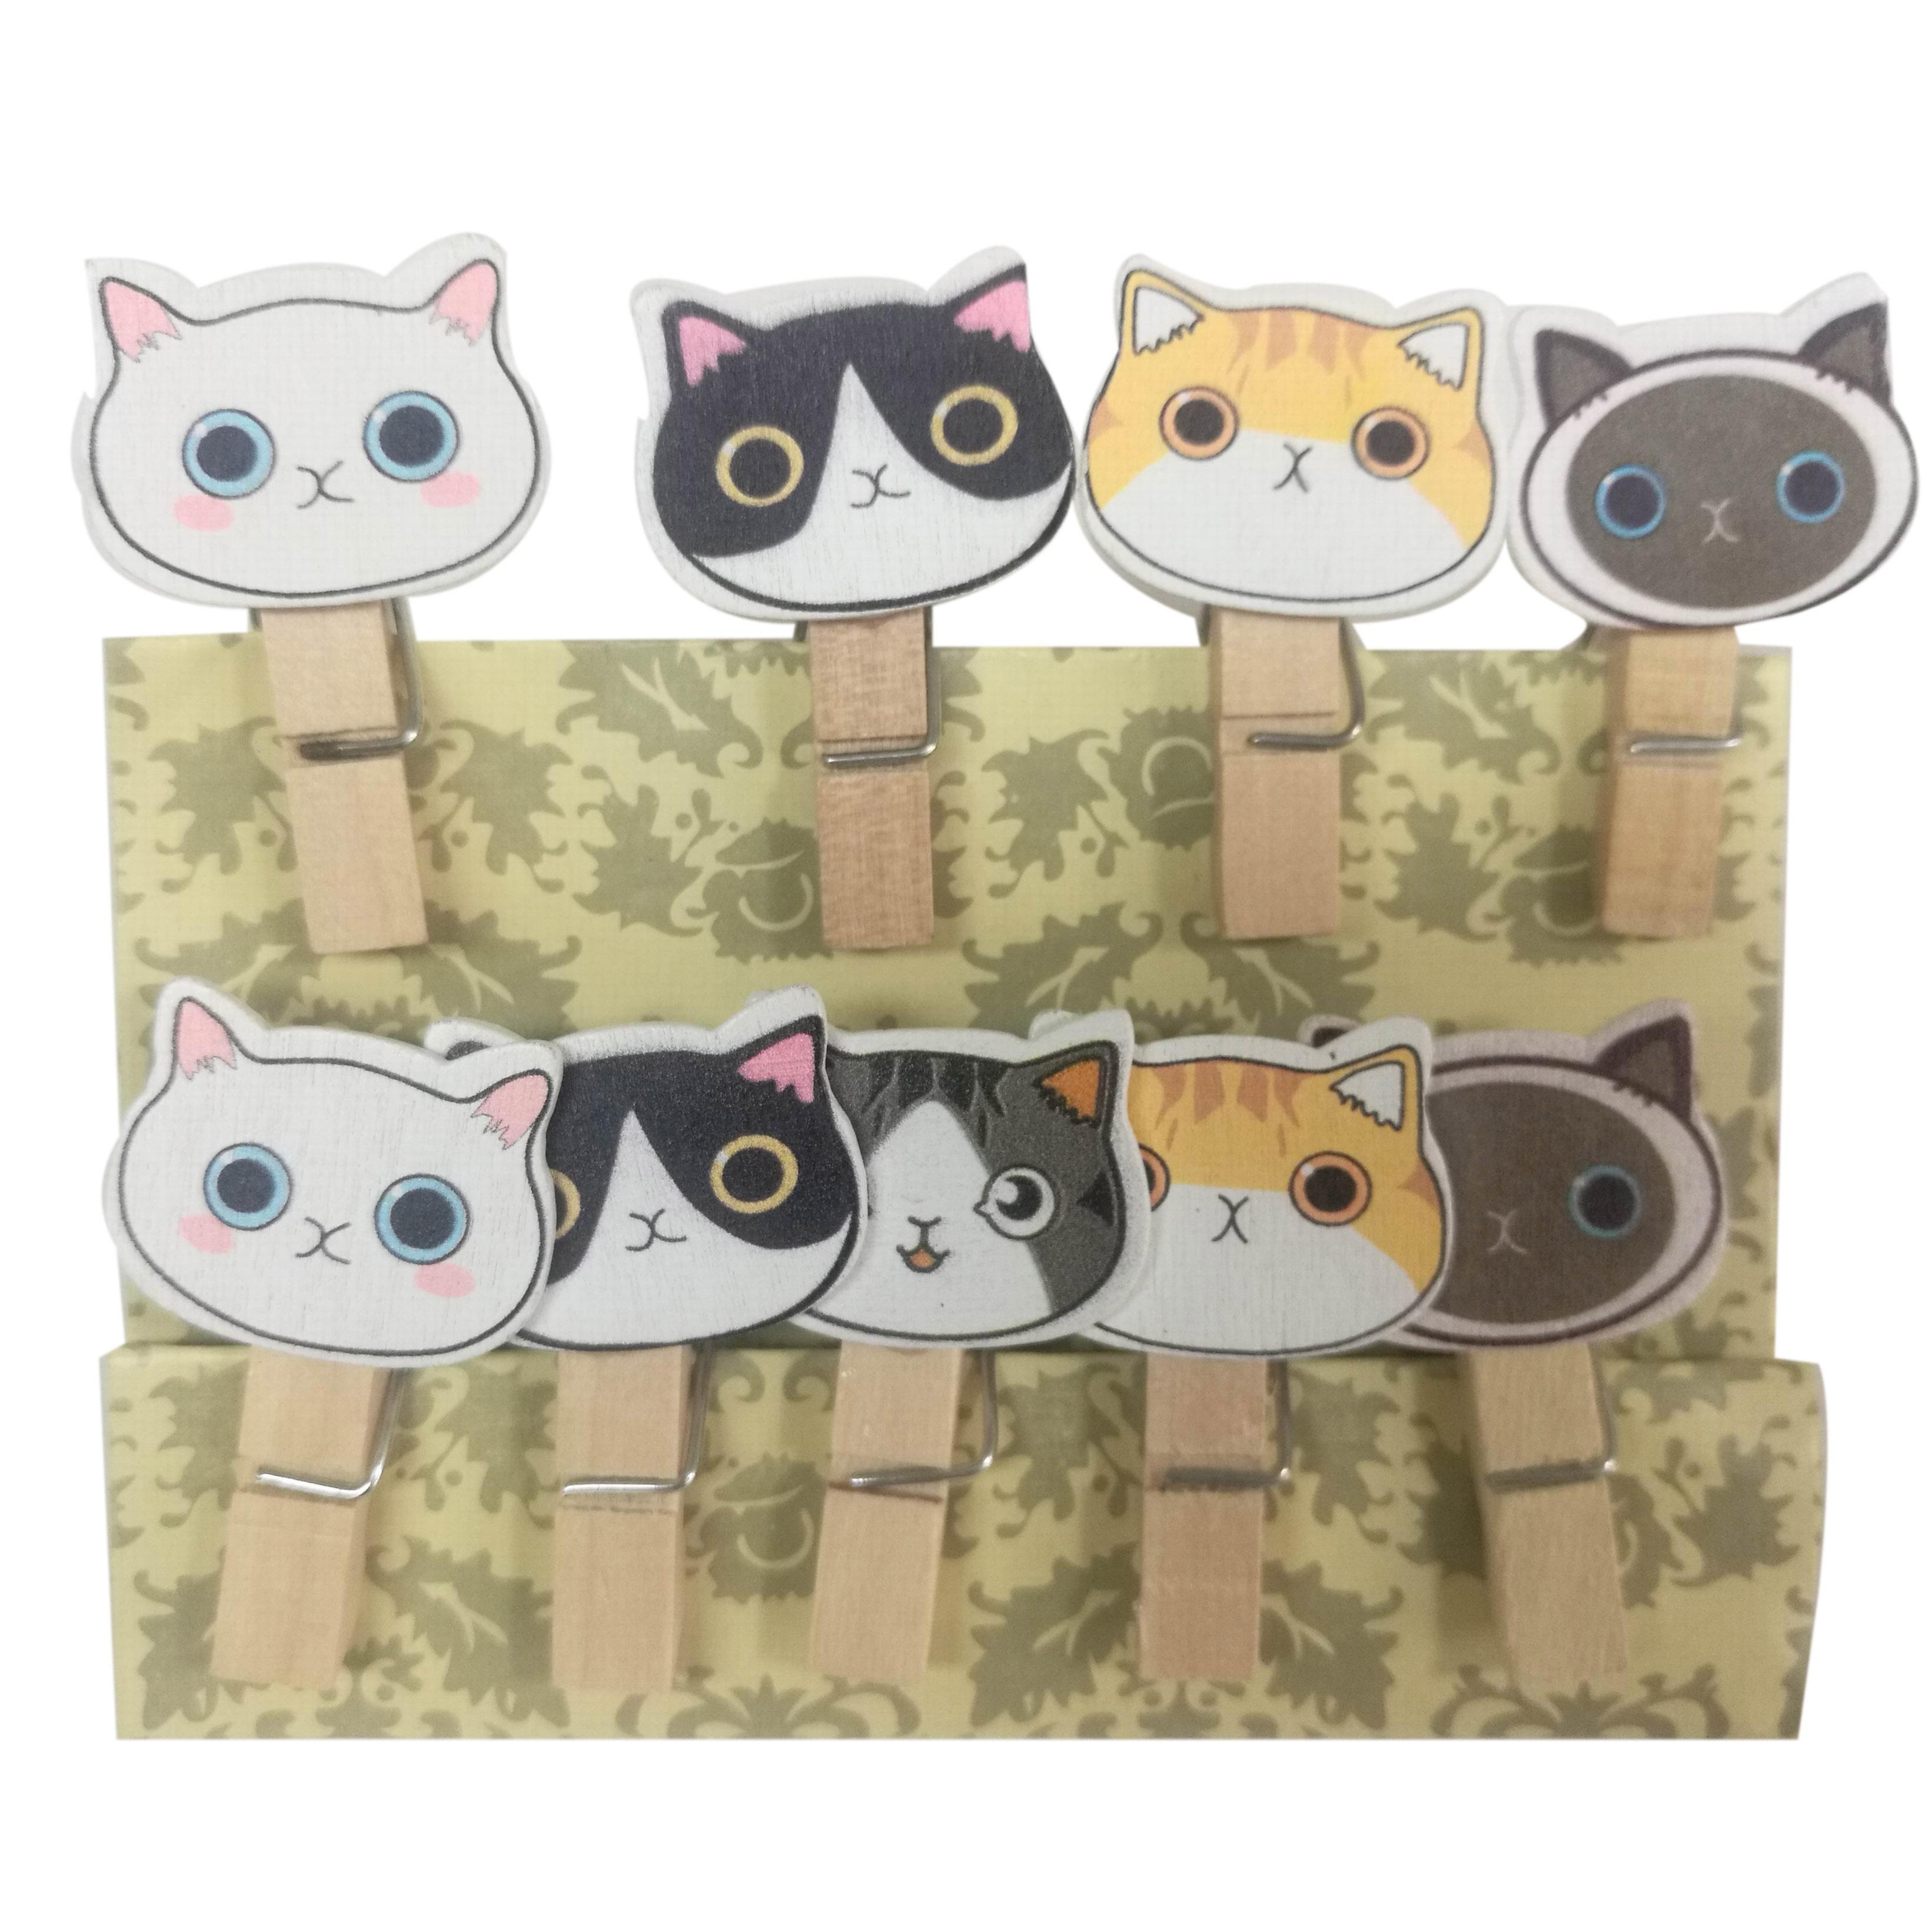 Kucing Mewah Kepala Mewarnai Kayu Clothespins Buy Warna Warni Kayu Klip Kepala Kucing Klip Pakaian Kerajinan Kayu Klip Product On Alibaba Com